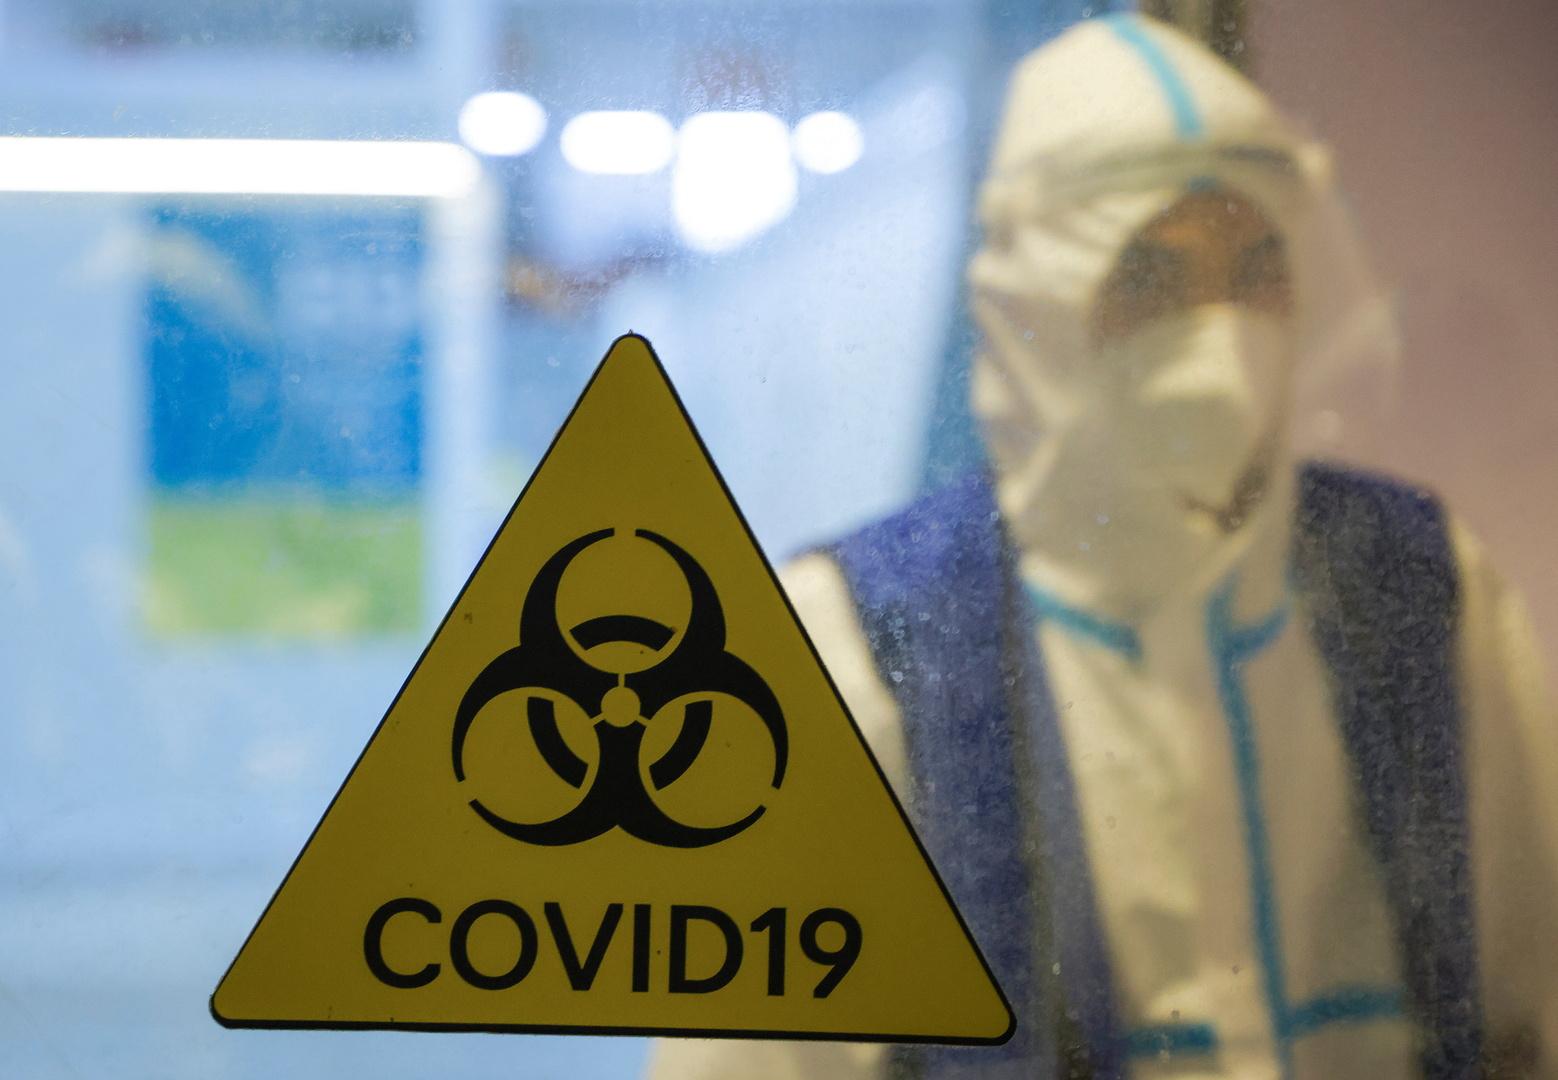 روسيا.. 12505 إصابات بفيروس كورونا و396 حالة وفاة خلال اليوم الماضي